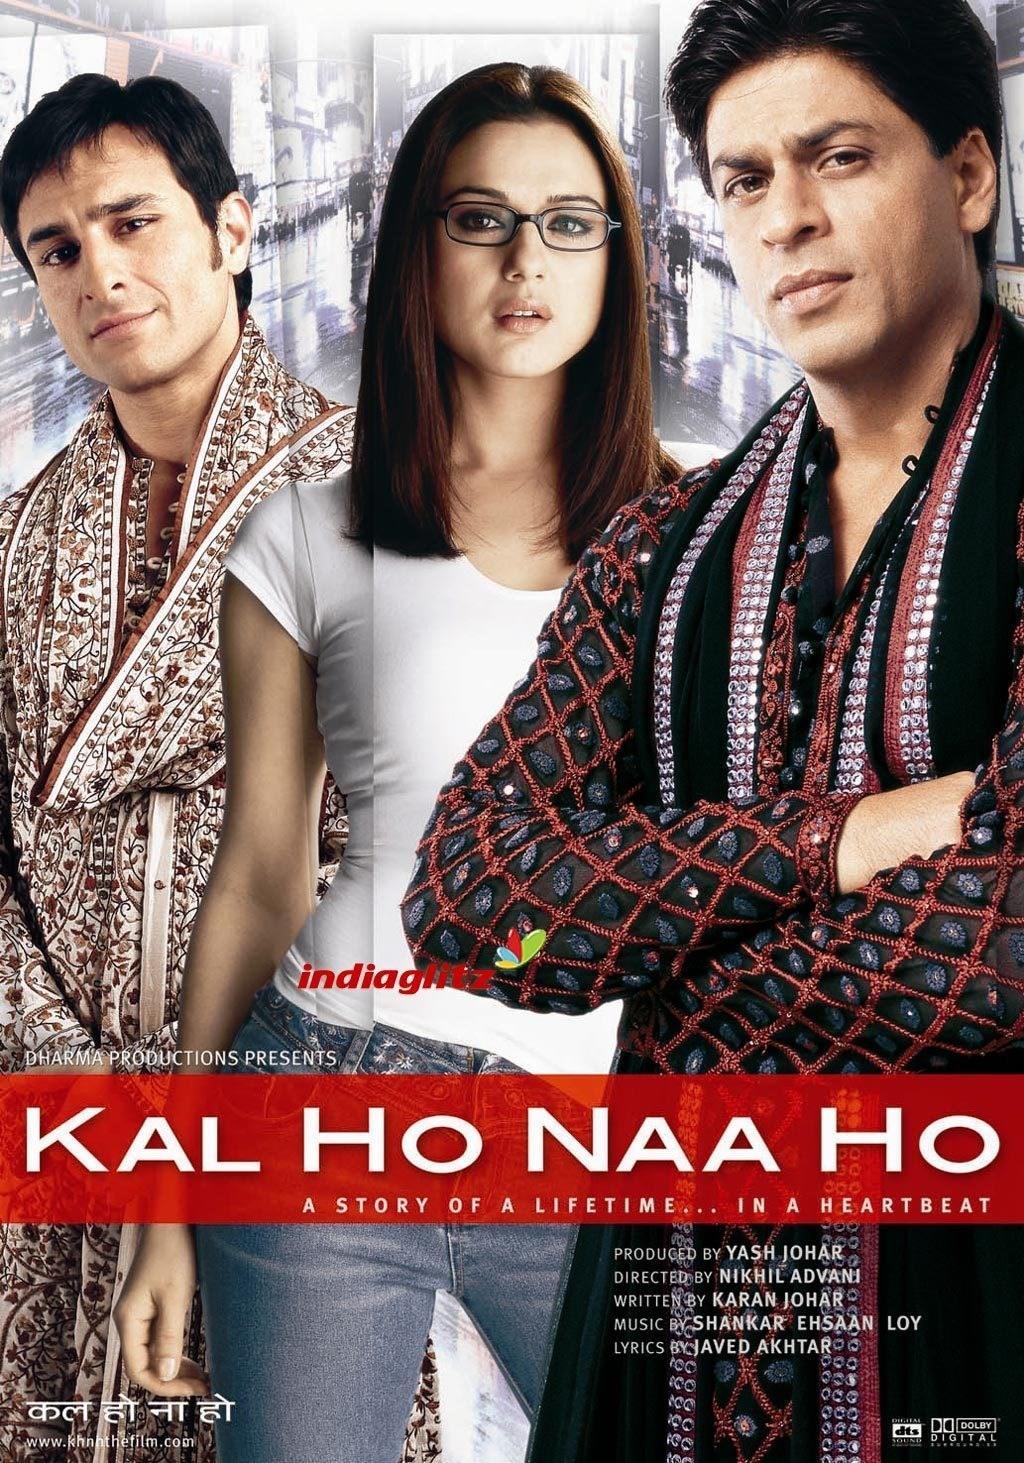 Kal Ho Naa Ho (2013) โอ้รัก สุดชีวิต